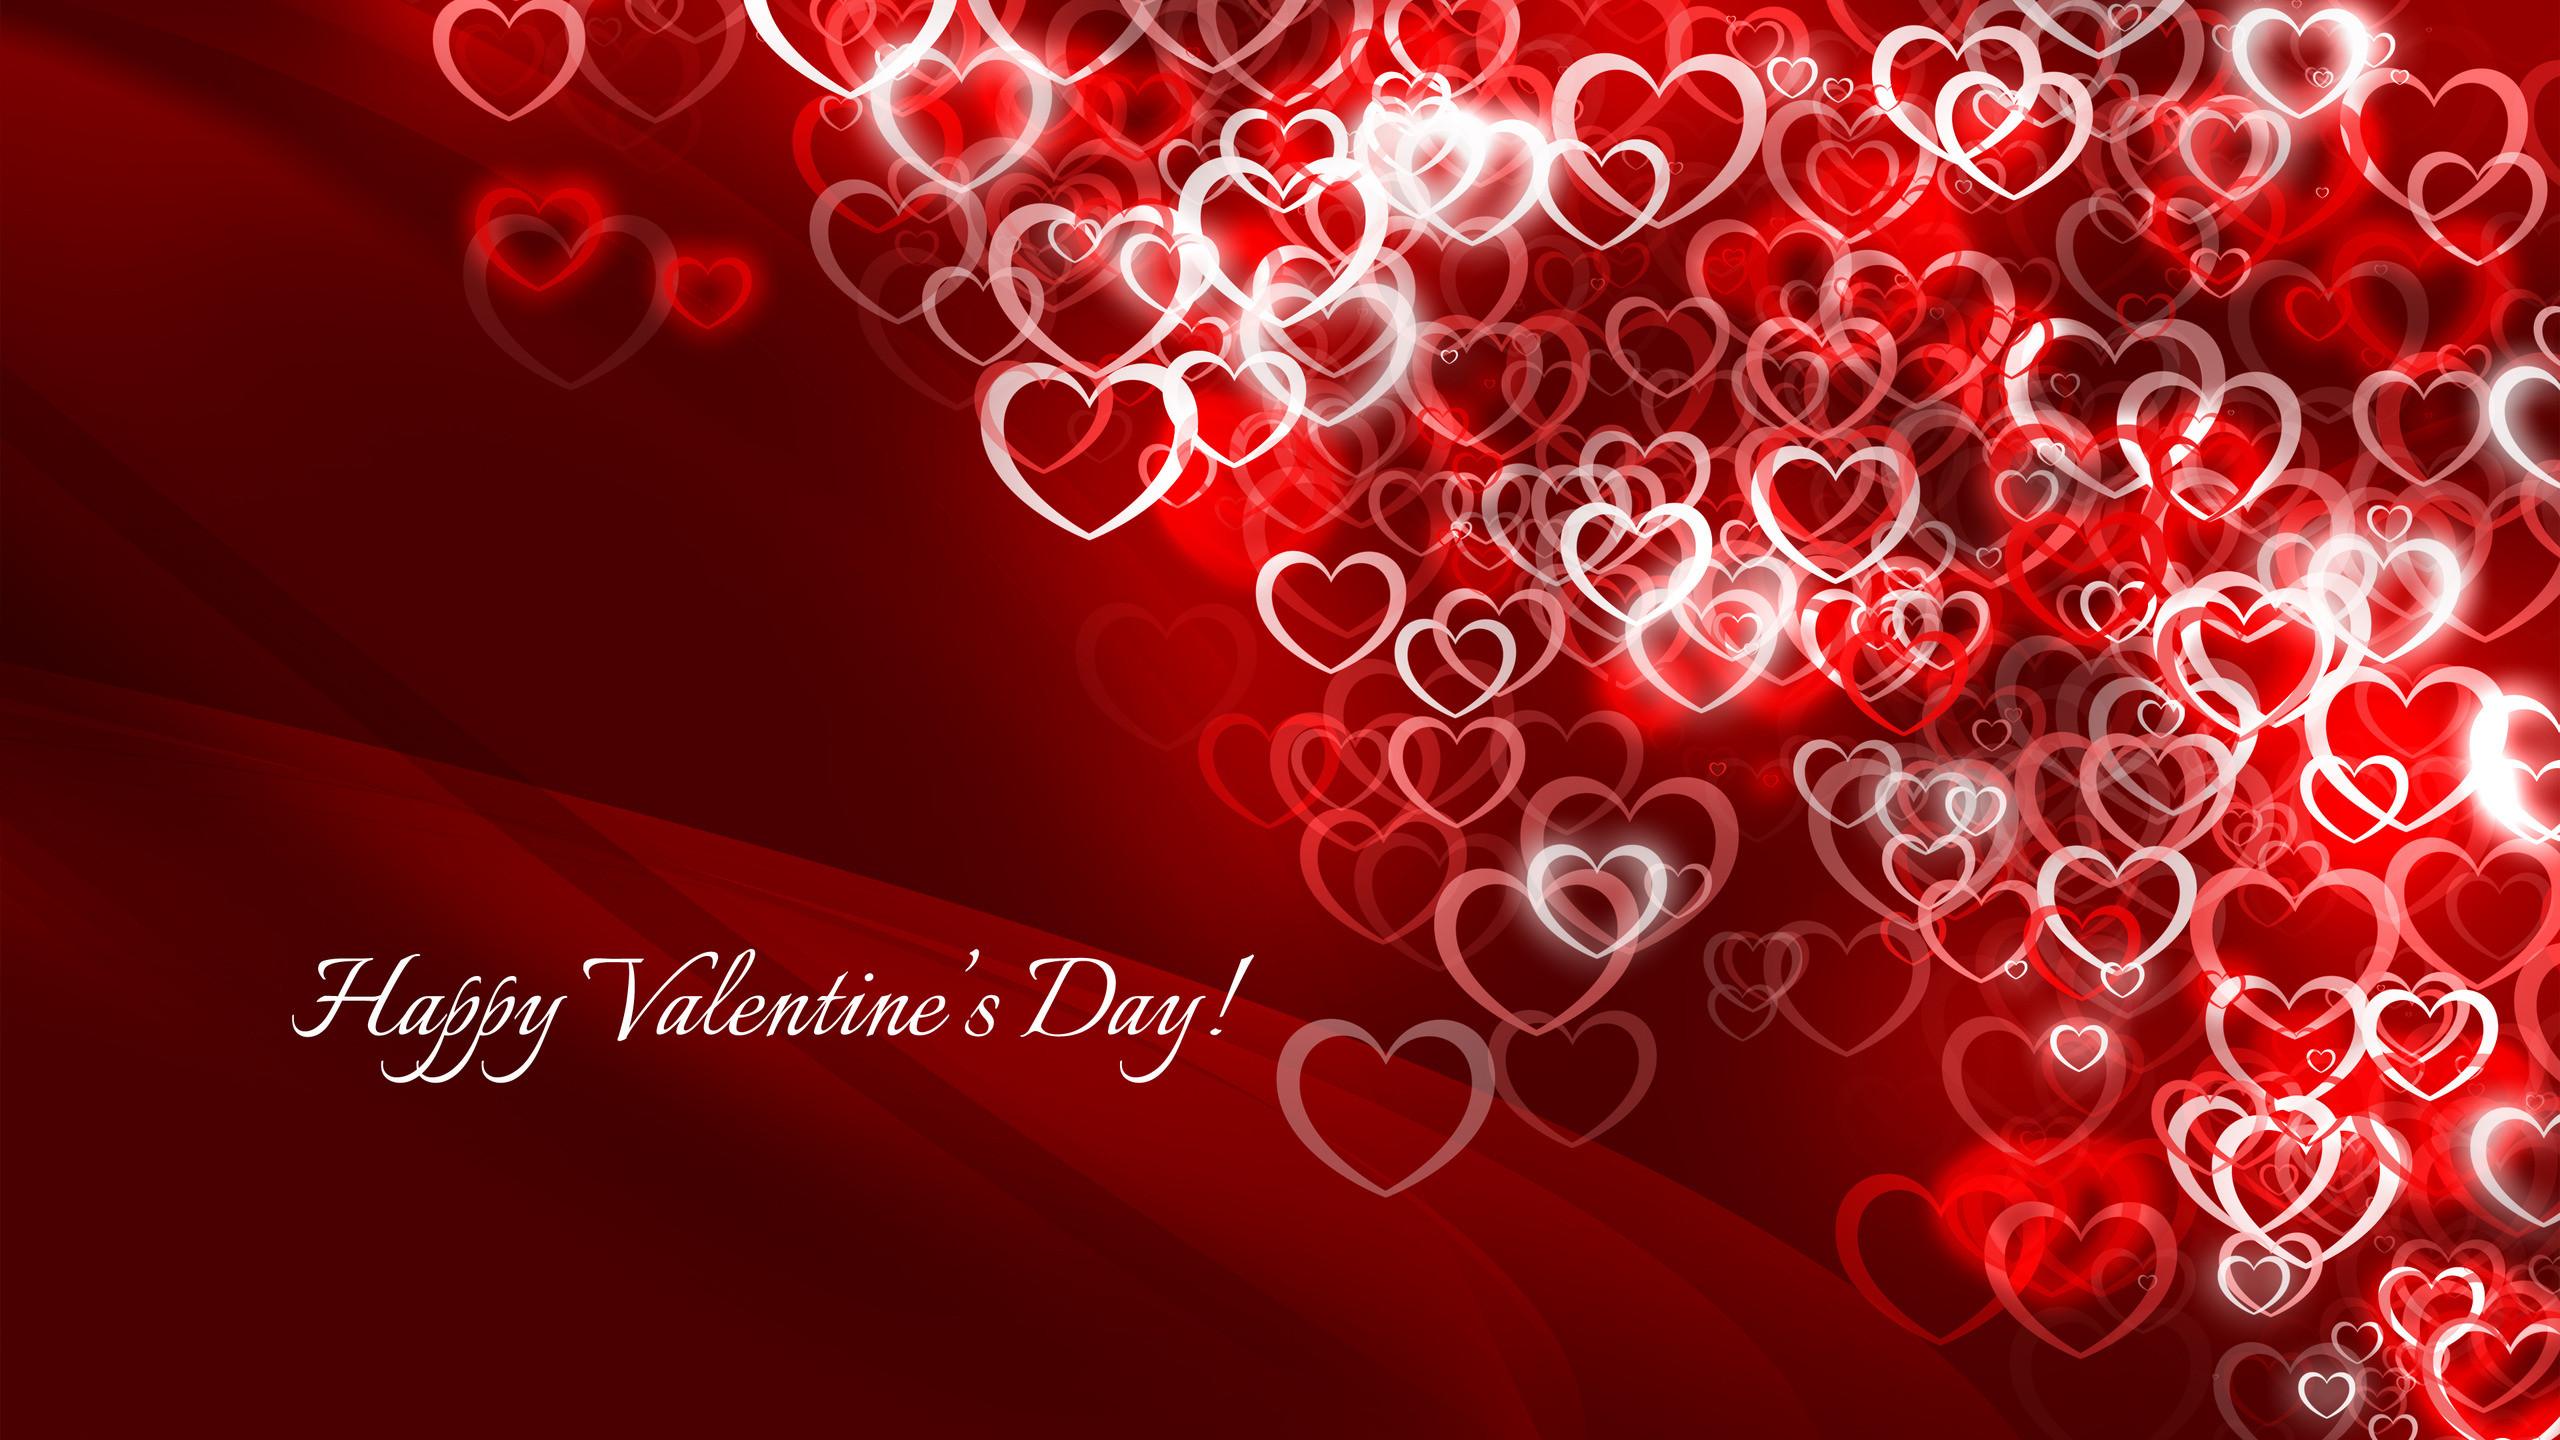 Boy & girl happy valentine day hd wallpaper | Valentines day ideas |  Pinterest